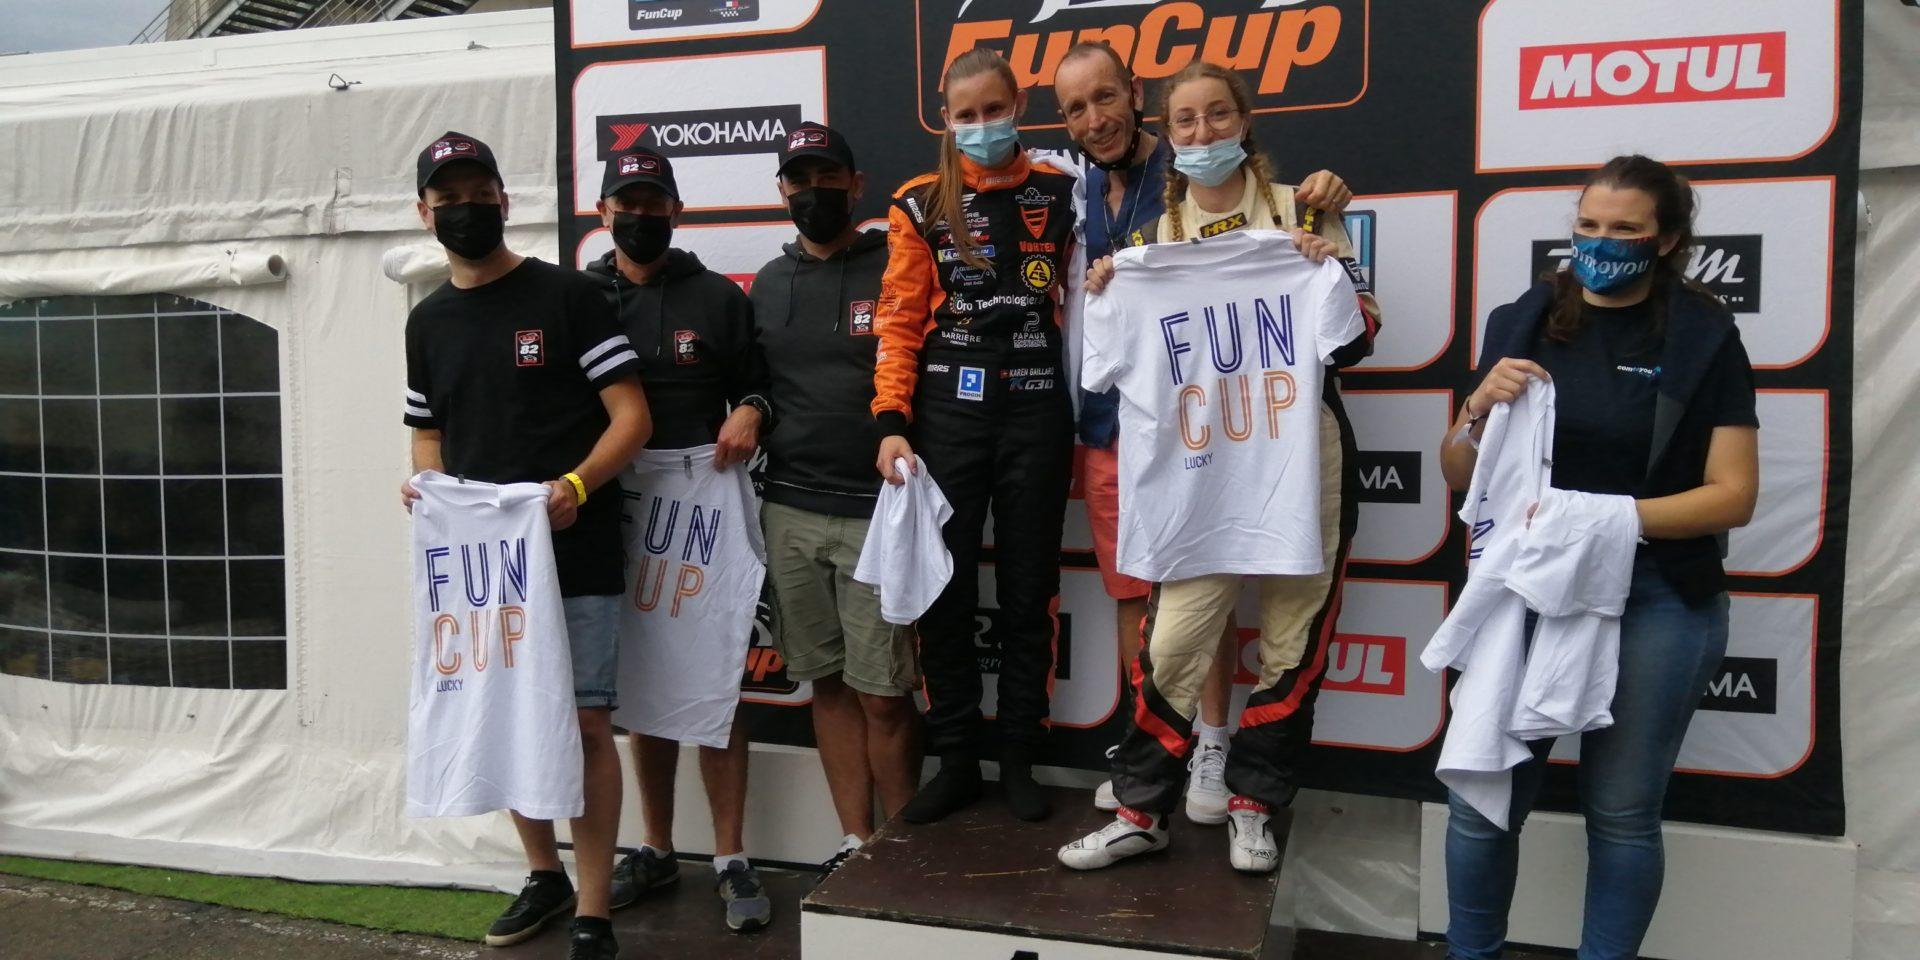 podium fun cup le mans